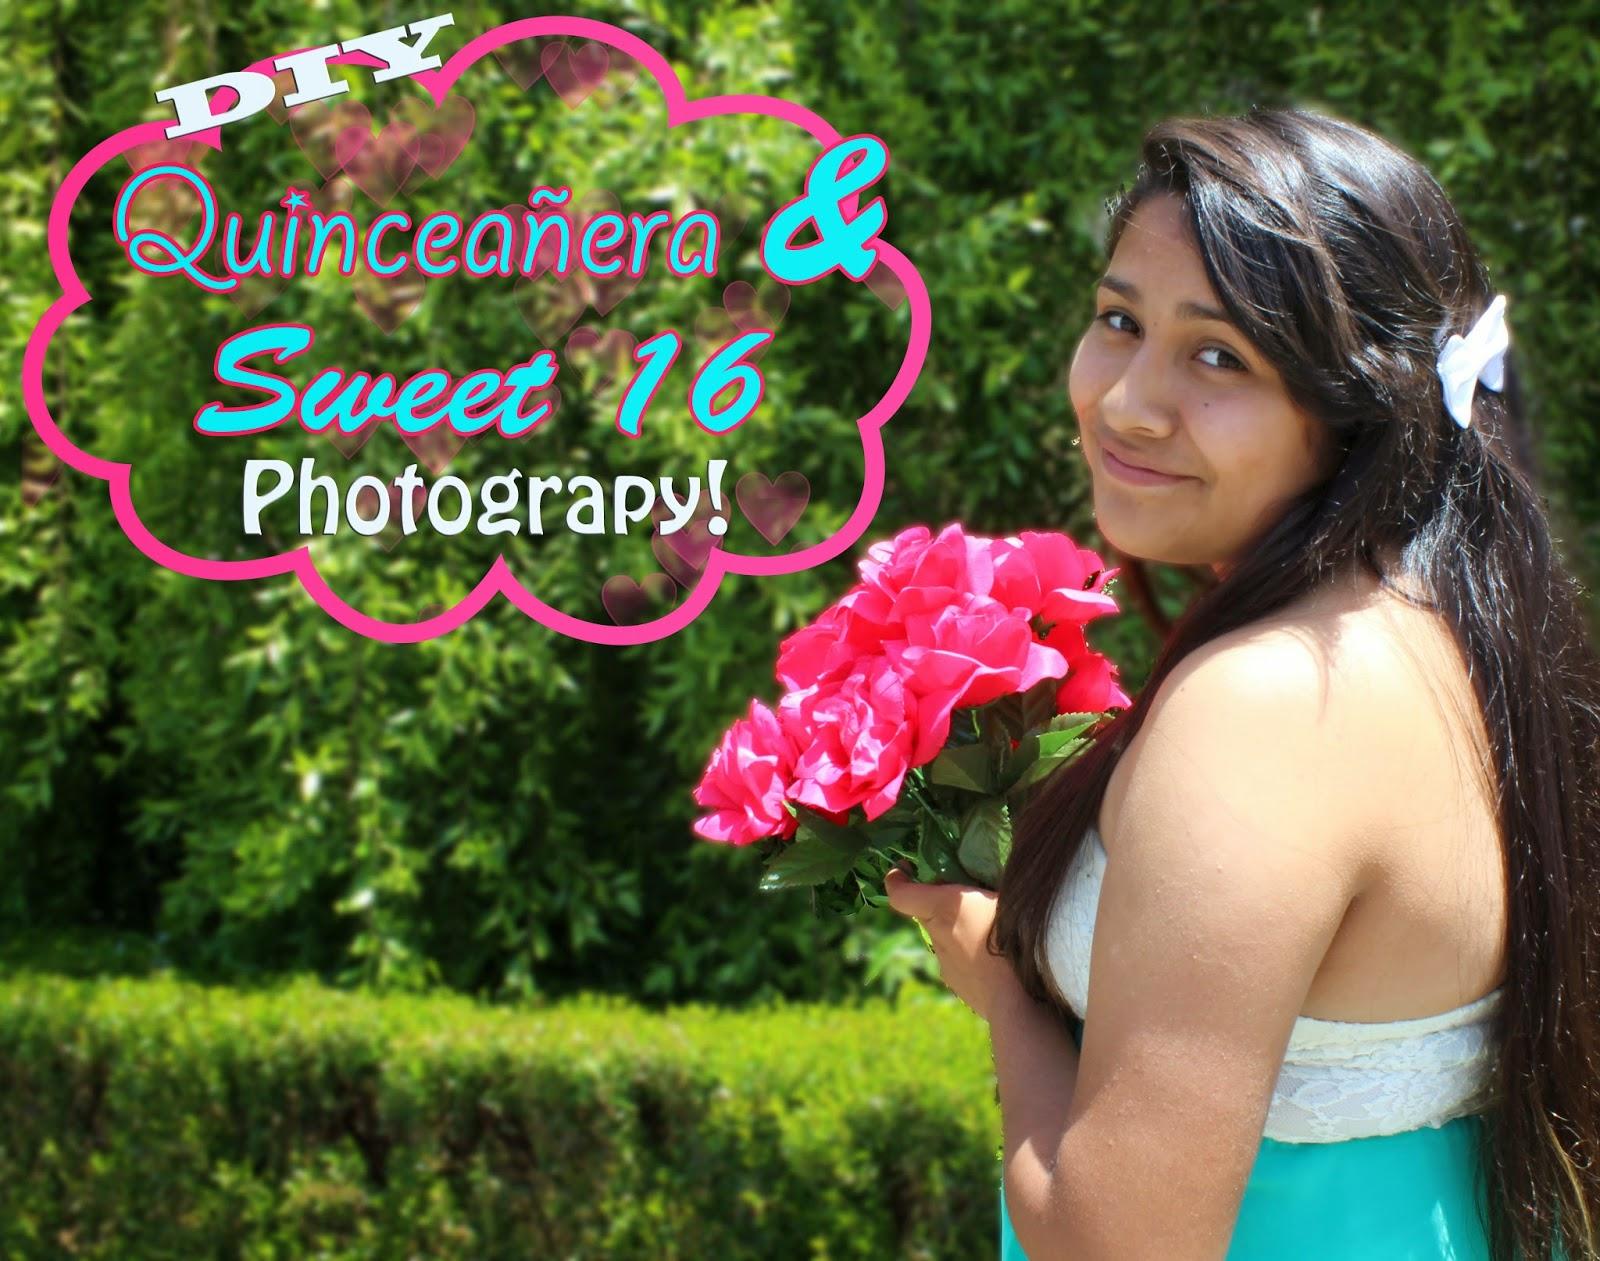 al por mayor fotos de flores artificiales AliExpress en español - Fotos De Flores Artificiales